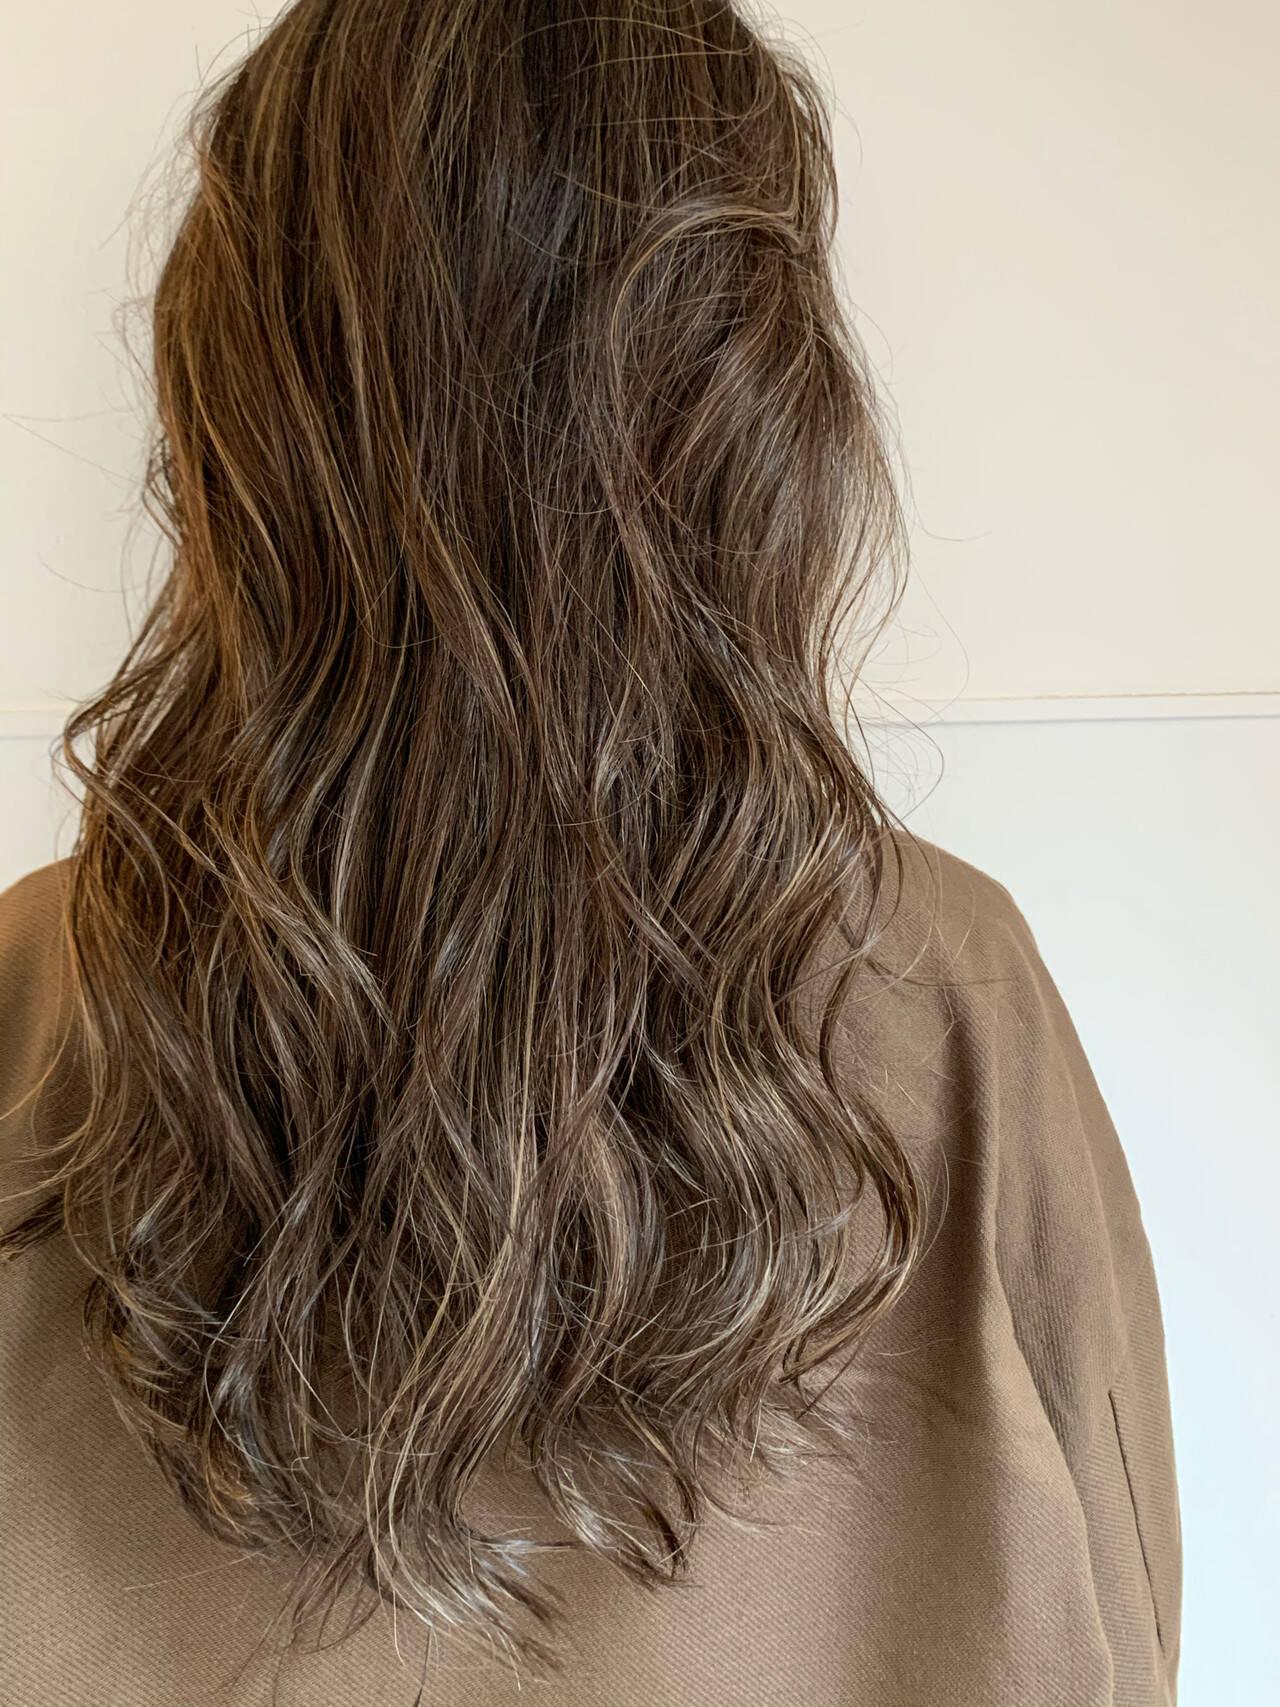 ナチュラル ロング ハイライト 3Dカラーヘアスタイルや髪型の写真・画像